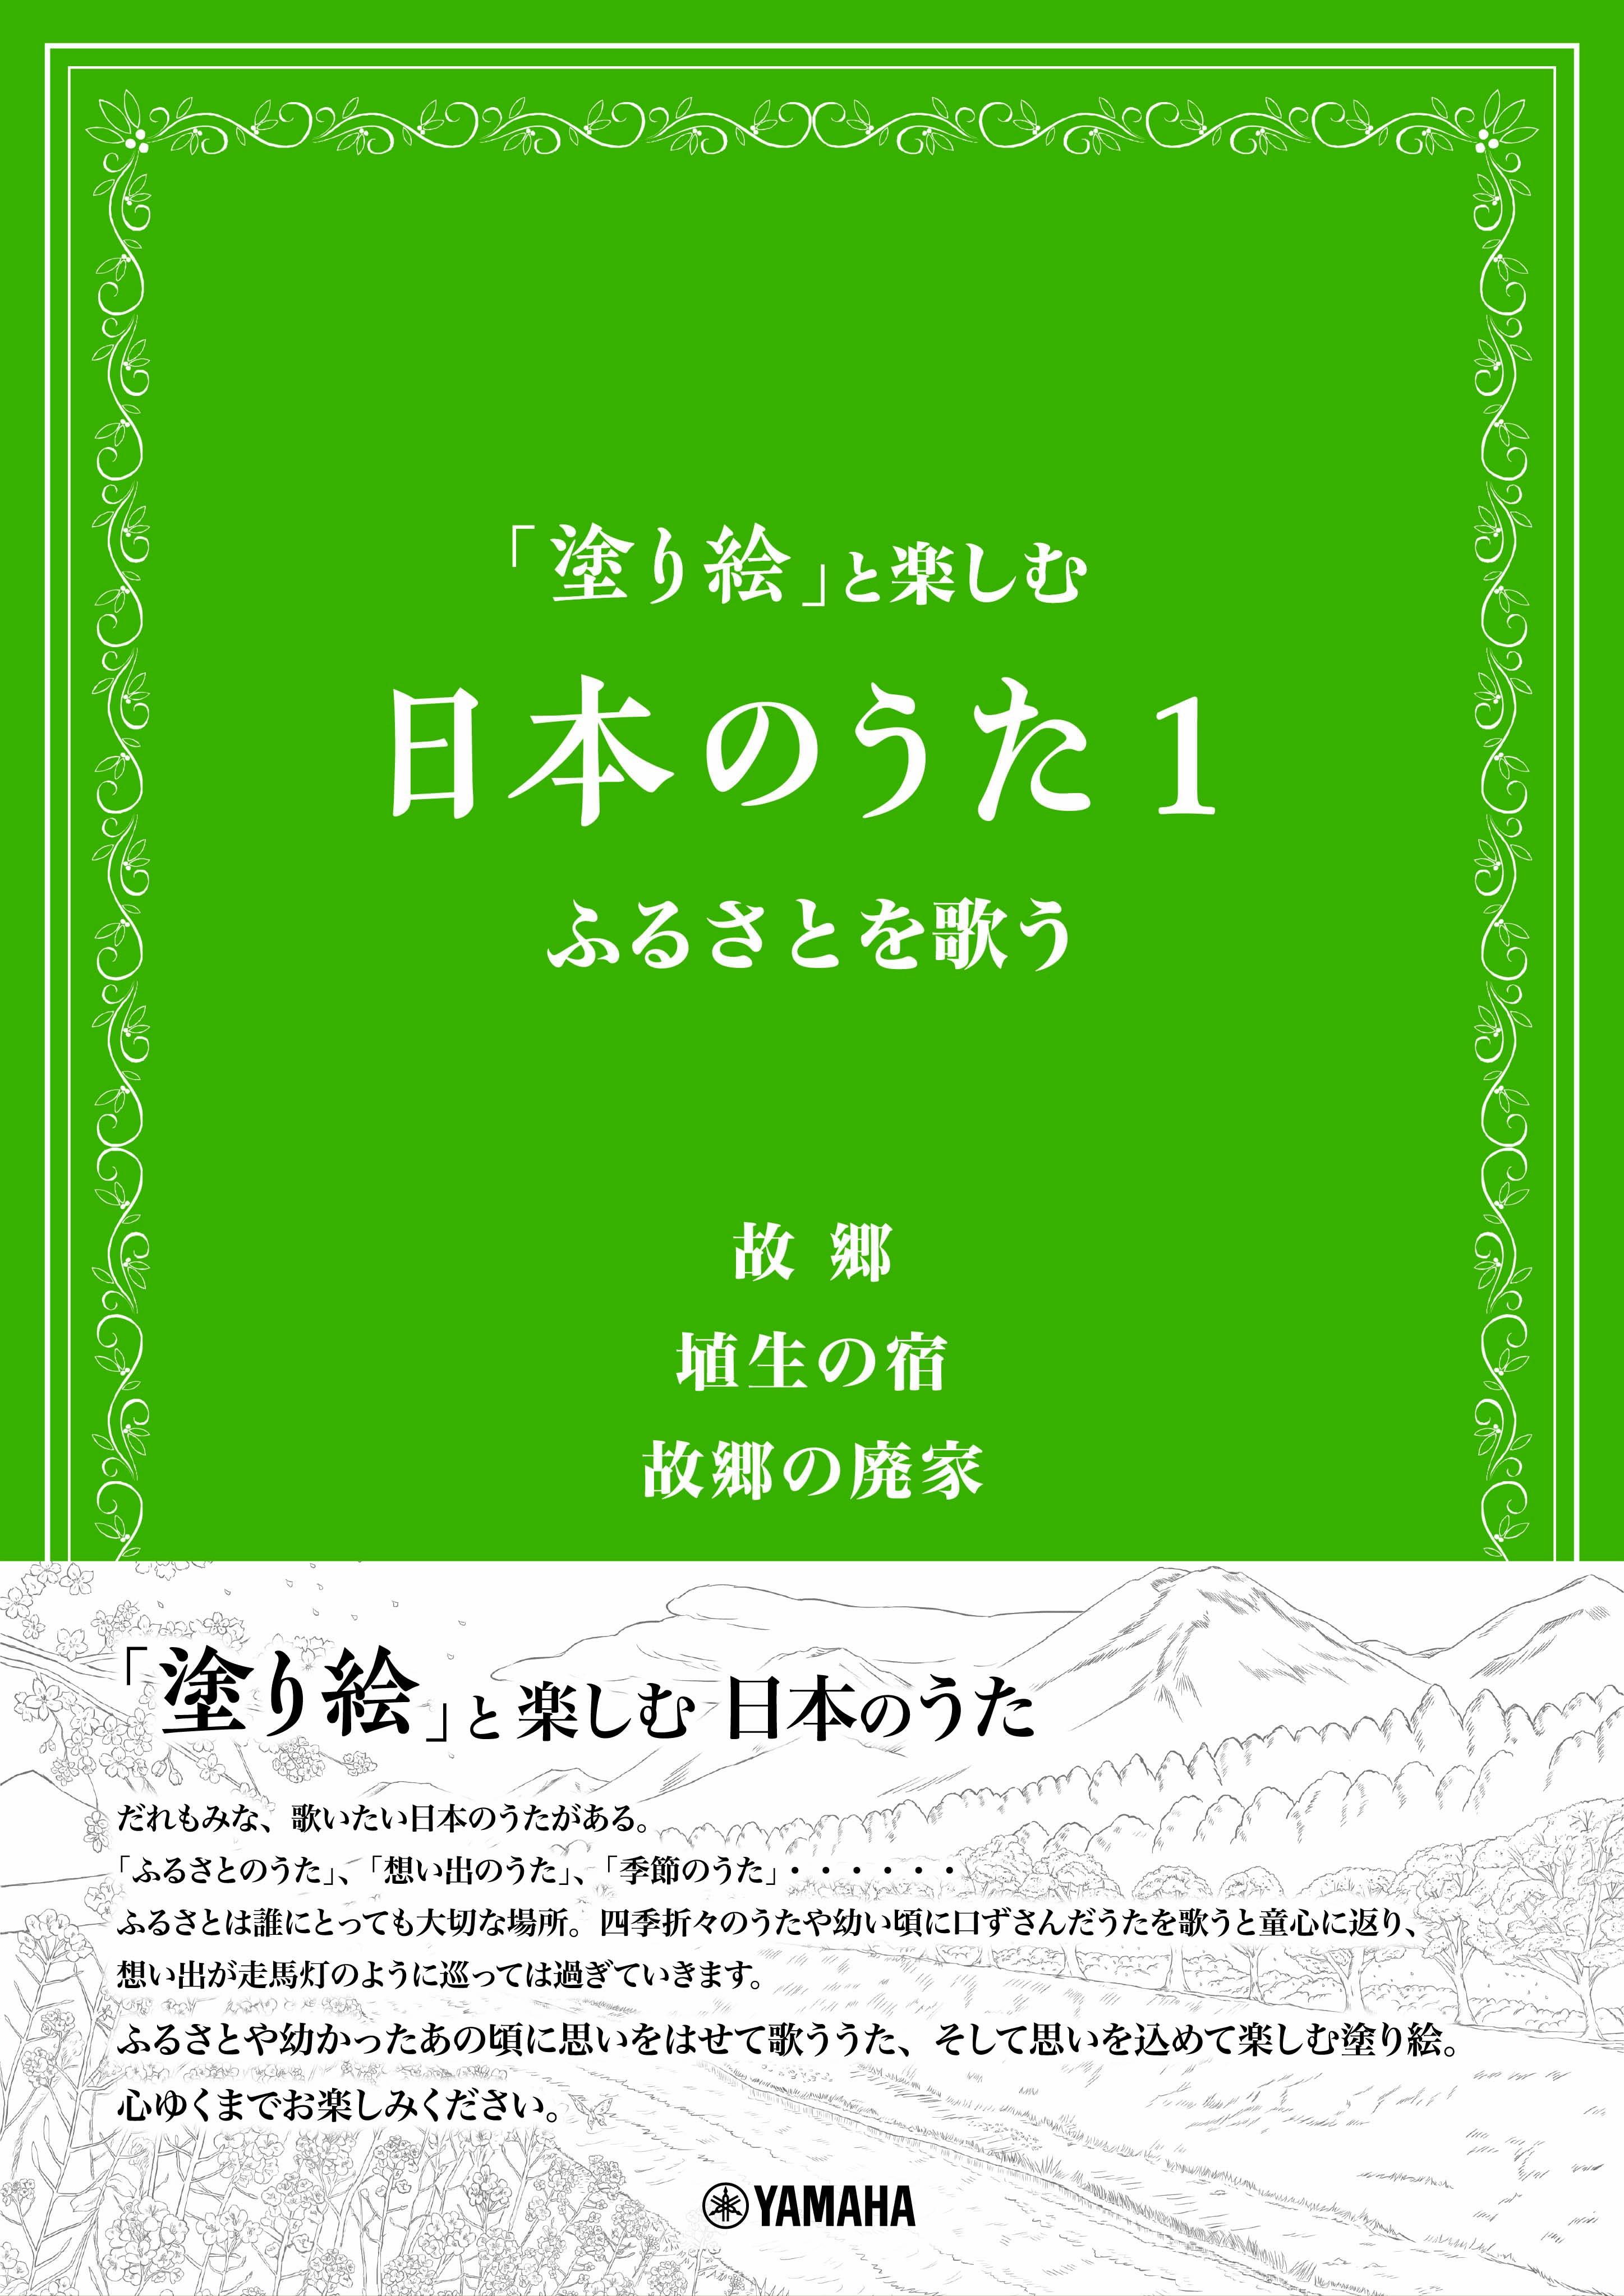 「塗り絵」と楽しむ 日本のうた1 ふるさとを歌う